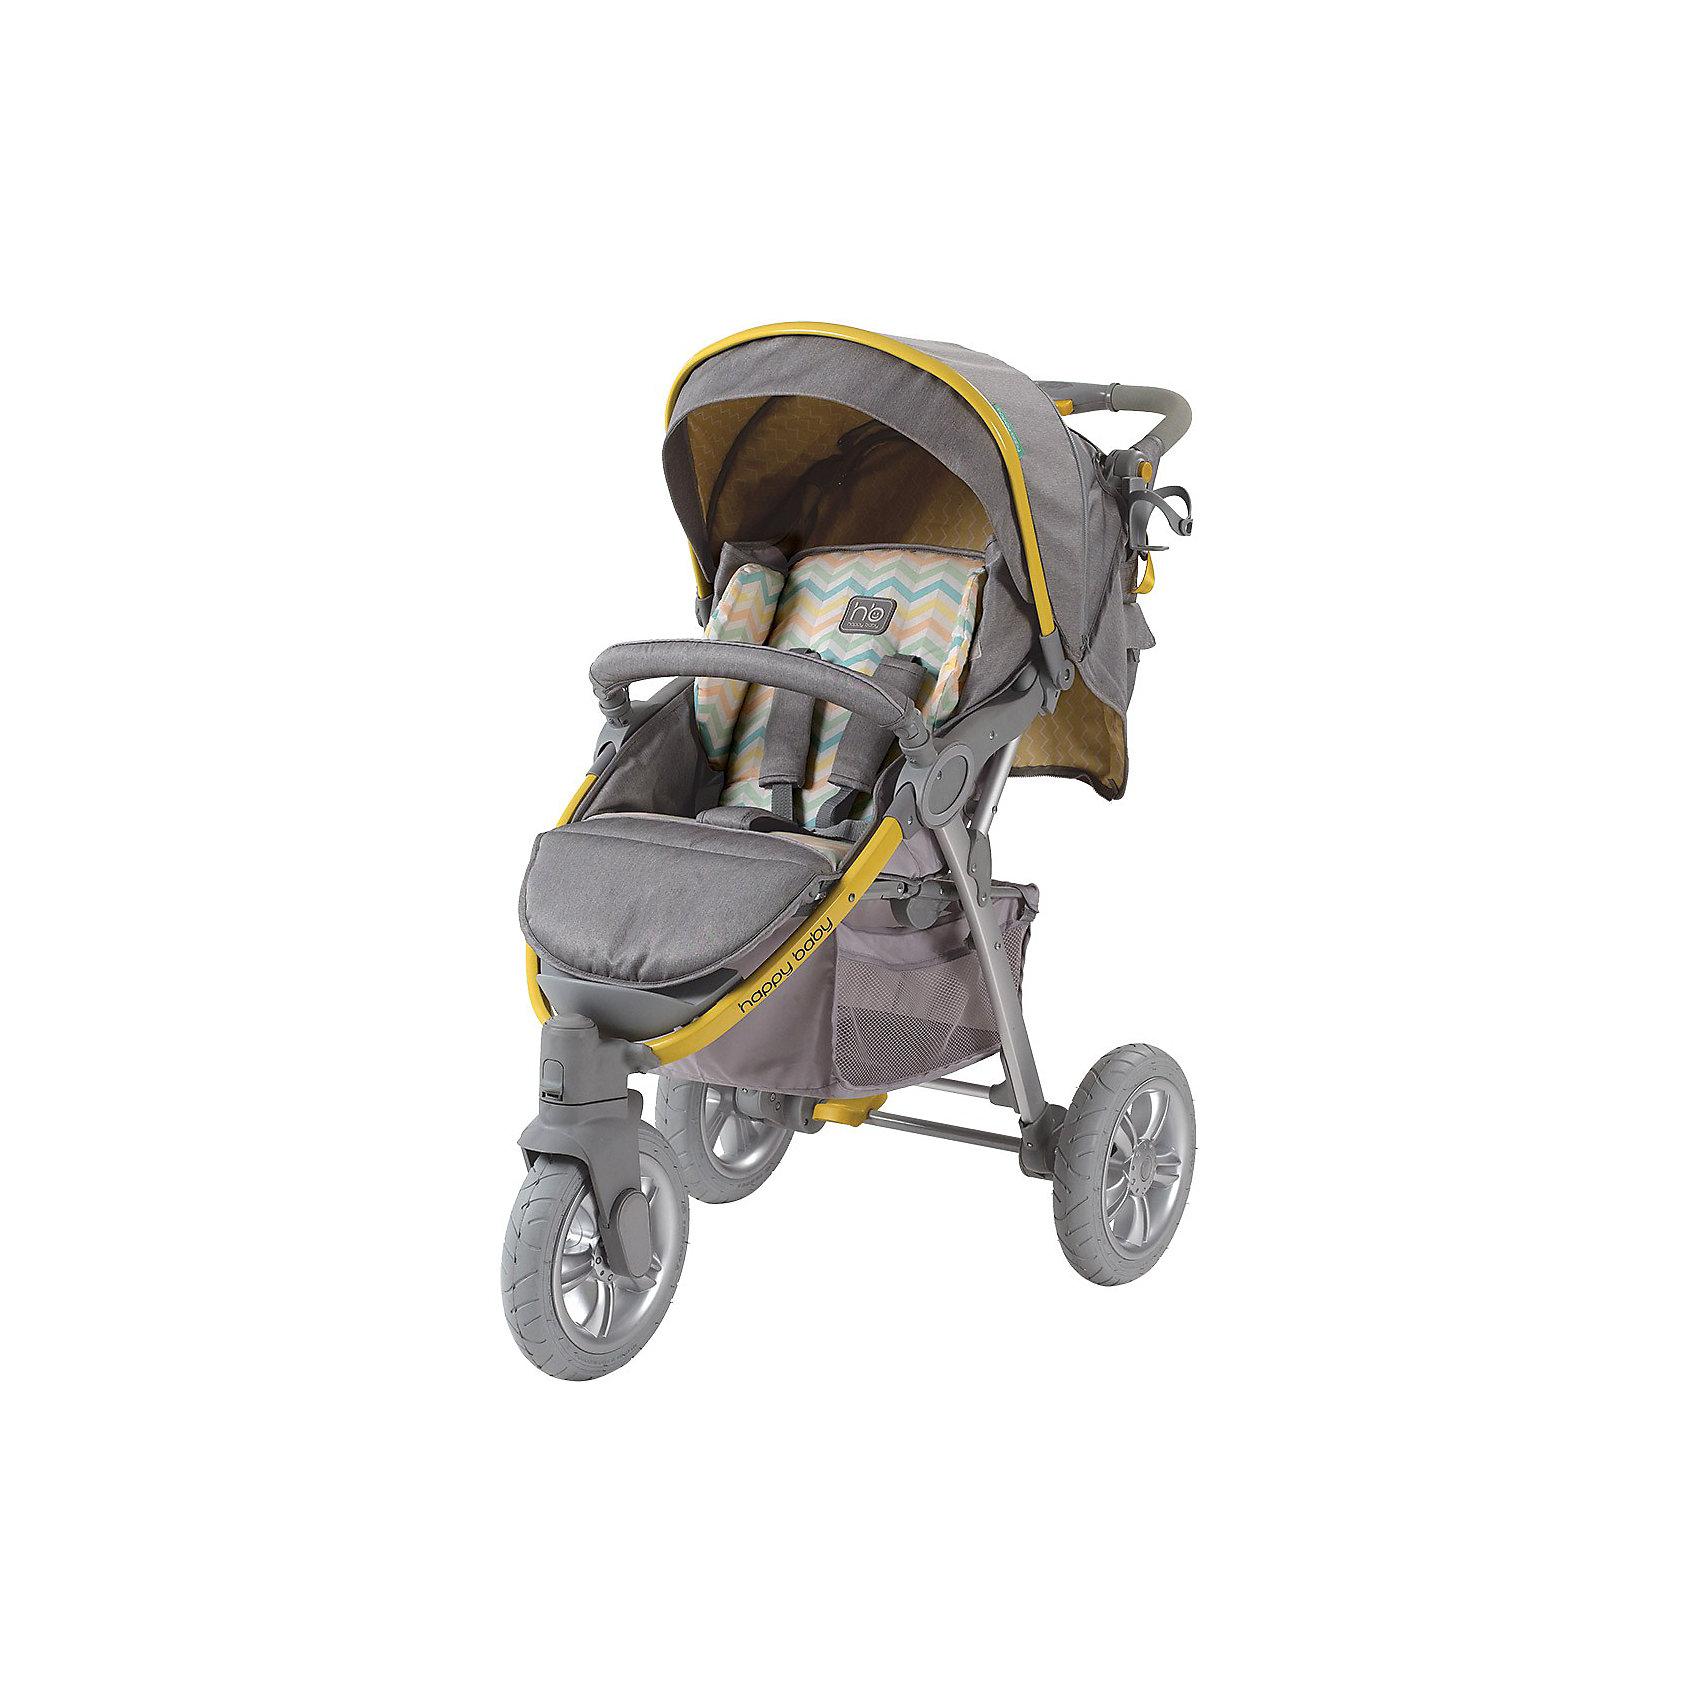 Прогулочная коляска Neon Sport, Happy Baby, серый/жёлтыйСтильная всесезонная коляска Neon Sport отличается высокой проходимостью. Хорошая амортизация и маневренность позволит передвигаться, не нарушая сон ребёнка. Овальное сечение алюминиевой рамы обеспечивает  легкость и прочность. Матрасик из мягкой дышащей ткани, пятиточечные ремни безопасности с накладками и съемный бампер гарантируют комфорт и безопасность ребёнку. Объёмный капюшон со смотровым окошком фиксируется в трёх положениях и опускается до бампера. Подставка для бутылочек на уровне рук взрослого облегчит процесс кормления. Переднее колесо поворотное с возможностью фиксации, что позволяет<br>маневрировать коляской практически на месте. Тормозное устройство приводится в действие одним движением. Регулируемая по высоте ручка, стильная сумка и вместительная корзина для покупок делают коляску не только удобной, но и практичной. Идеальный вариант для наших погодных условий и дорог.  <br><br>Дополнительная информация:<br><br>- Комплектность: коляска, дождевик, москитная сетка, сумка для мамы, чехол на ножки, корзина для покупок<br>- Алюминиевая рама с поперечным сечением.<br>- Количество колес: 3 шт.<br>- Тип колес: надувные, переднее поворотное.<br>- Ножной тормоз.<br>- Механизм складывания: книжка.<br>- Регулируемая по высоте ручка.<br>- Регулируемая по высоте спинка ( 3 положения, включая горизонтальное)<br>- Пятиточечные ремни безопасности с мягкими накладками.<br>- Капюшон со смотровым окошком  опускается до бампера)<br>- Складывающийся козырек.<br>- Вместительная корзина для покупок.<br>- Подставка для кружки.<br>- Съёмный бампер перед ребенком.<br>- Цвет: серый, желтый.<br>- Длина спального места: 85 см.<br>- Размер коляски: 102 х 66 х 97 см.<br>- Размер сидения: 34 х 28/45 (с подножкой) см.<br>- Диаметр колес: переднее - 26 см, задние - 30 см.<br>- Ширина колесной базы: 66 см.<br>- Вес коляски: 13 кг<br><br>Прогулочную коляска Neon Sport, Happy Baby (Хэппи Беби),  серый/желтый, можно купить в нашем маг